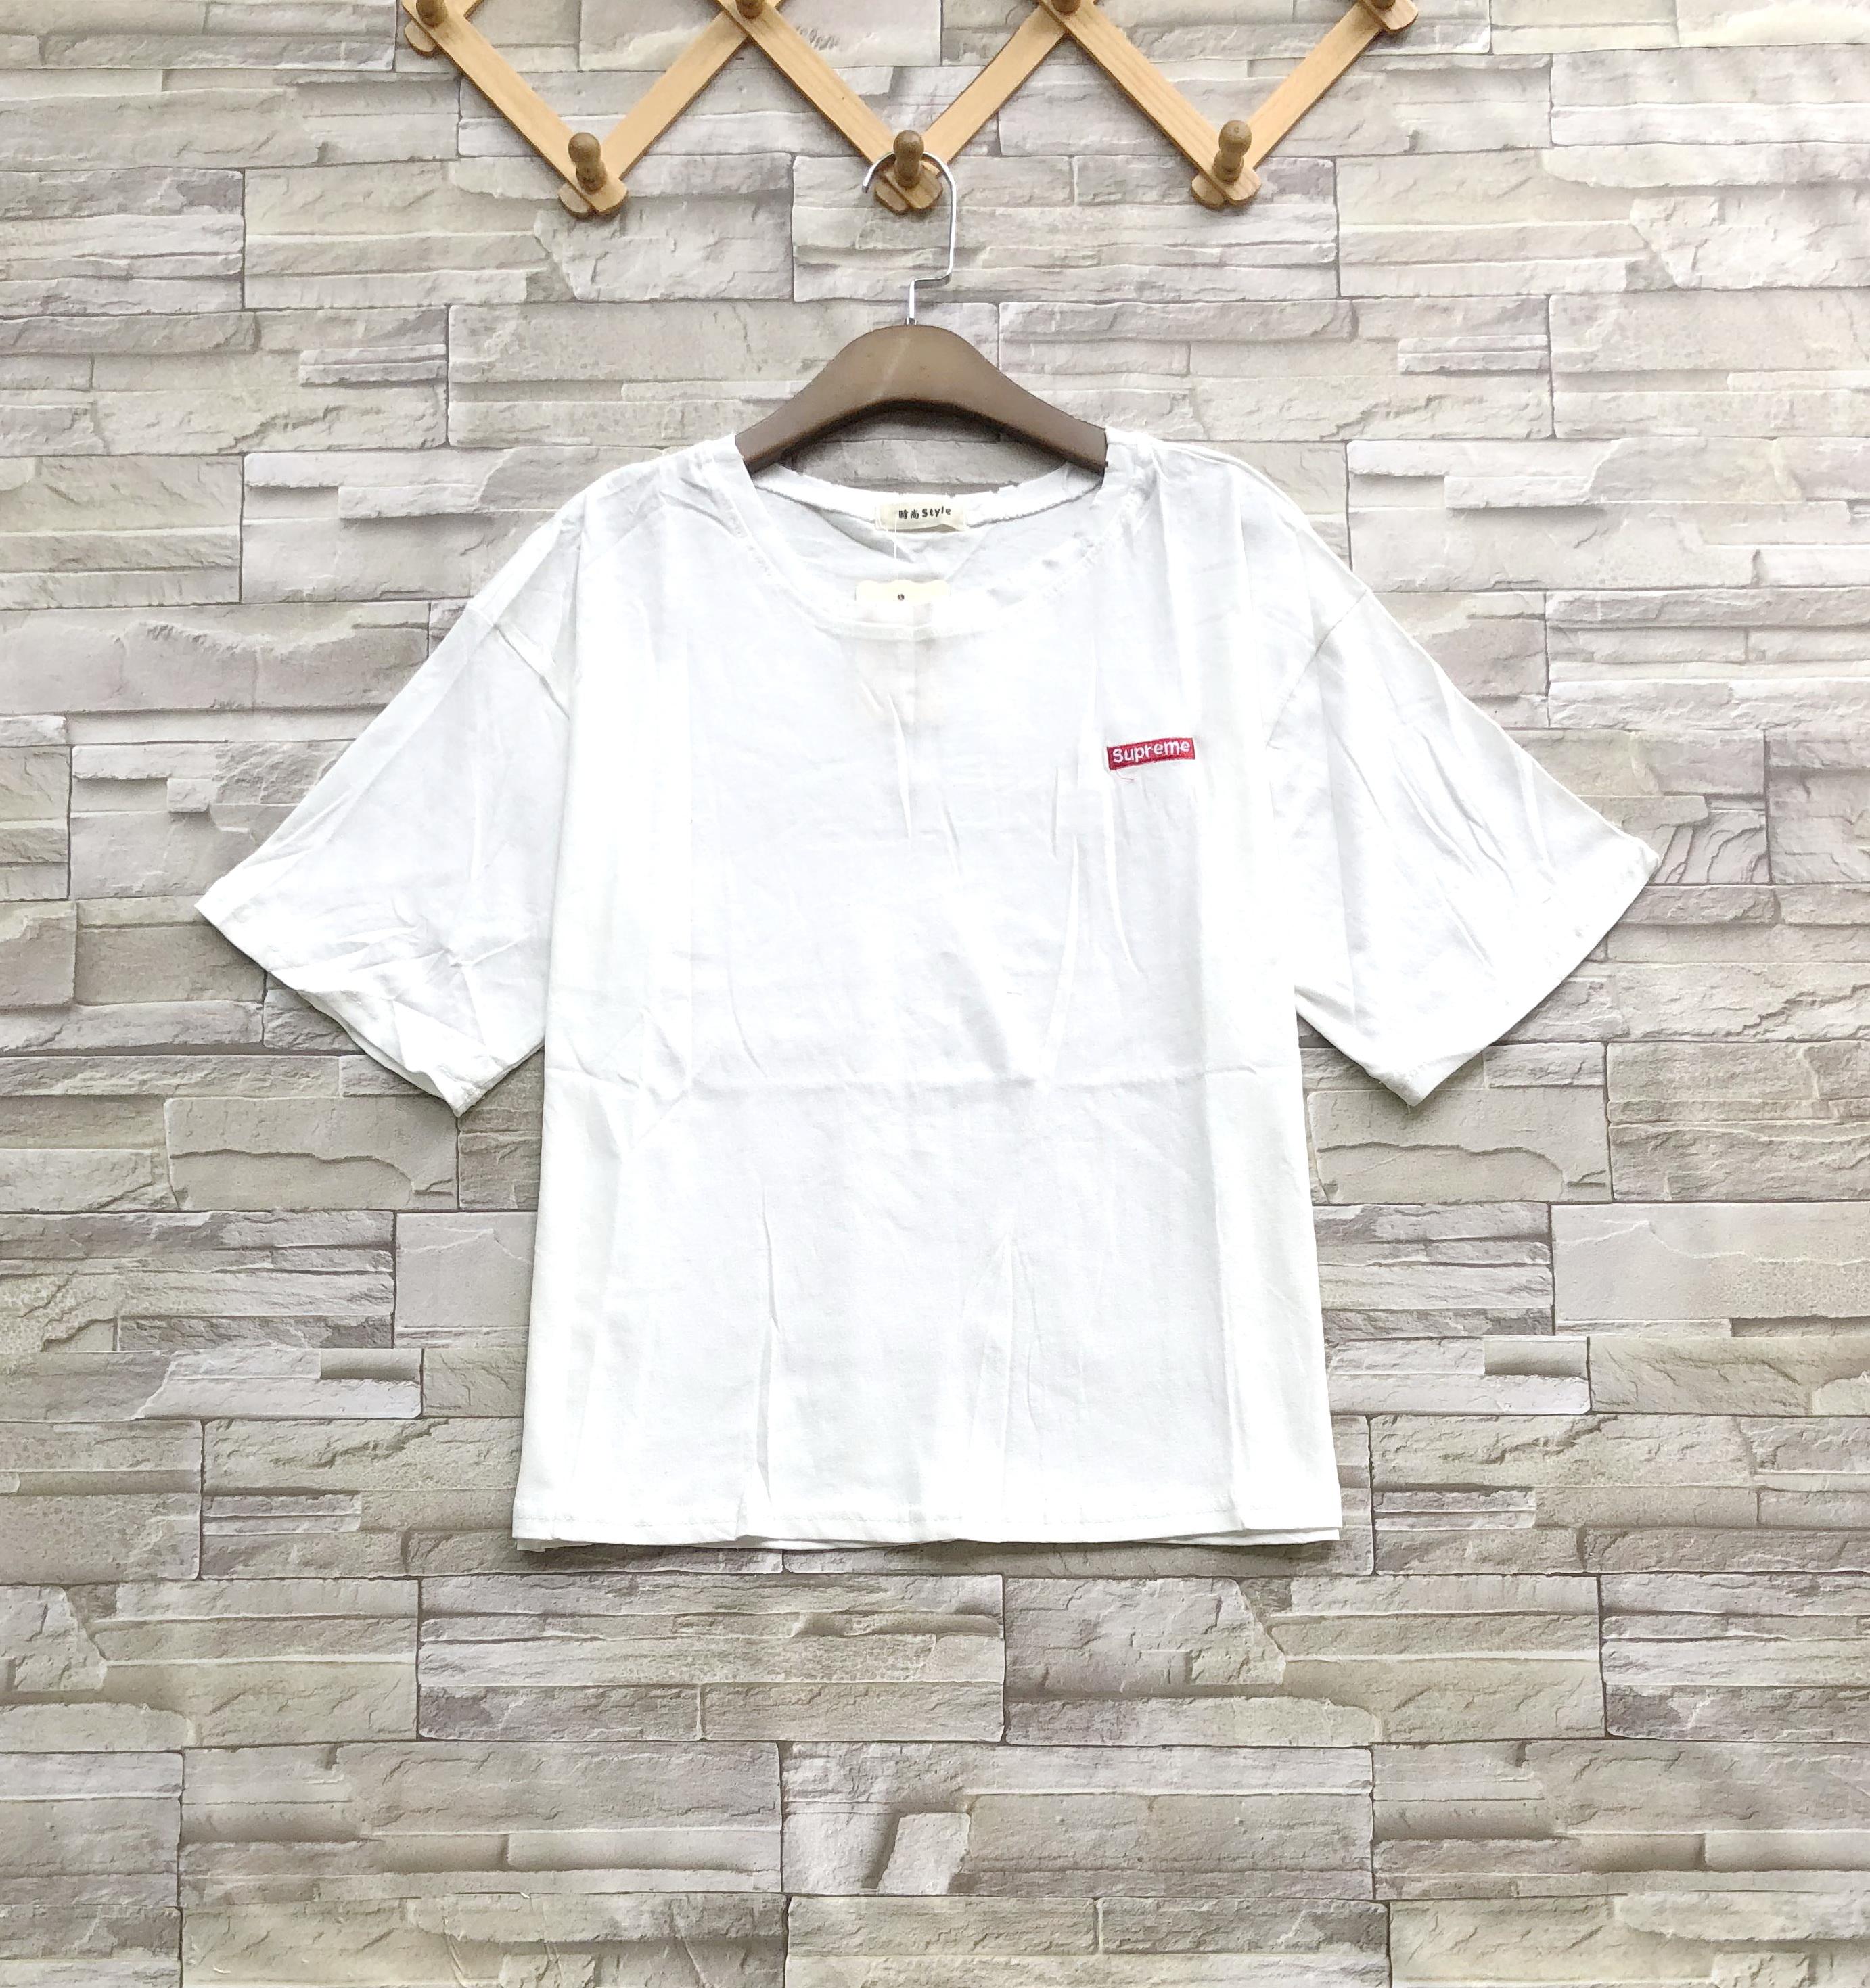 ส่ง:งานจีนเสื้อยืดแต่งปักเก๋ๆ/อก41